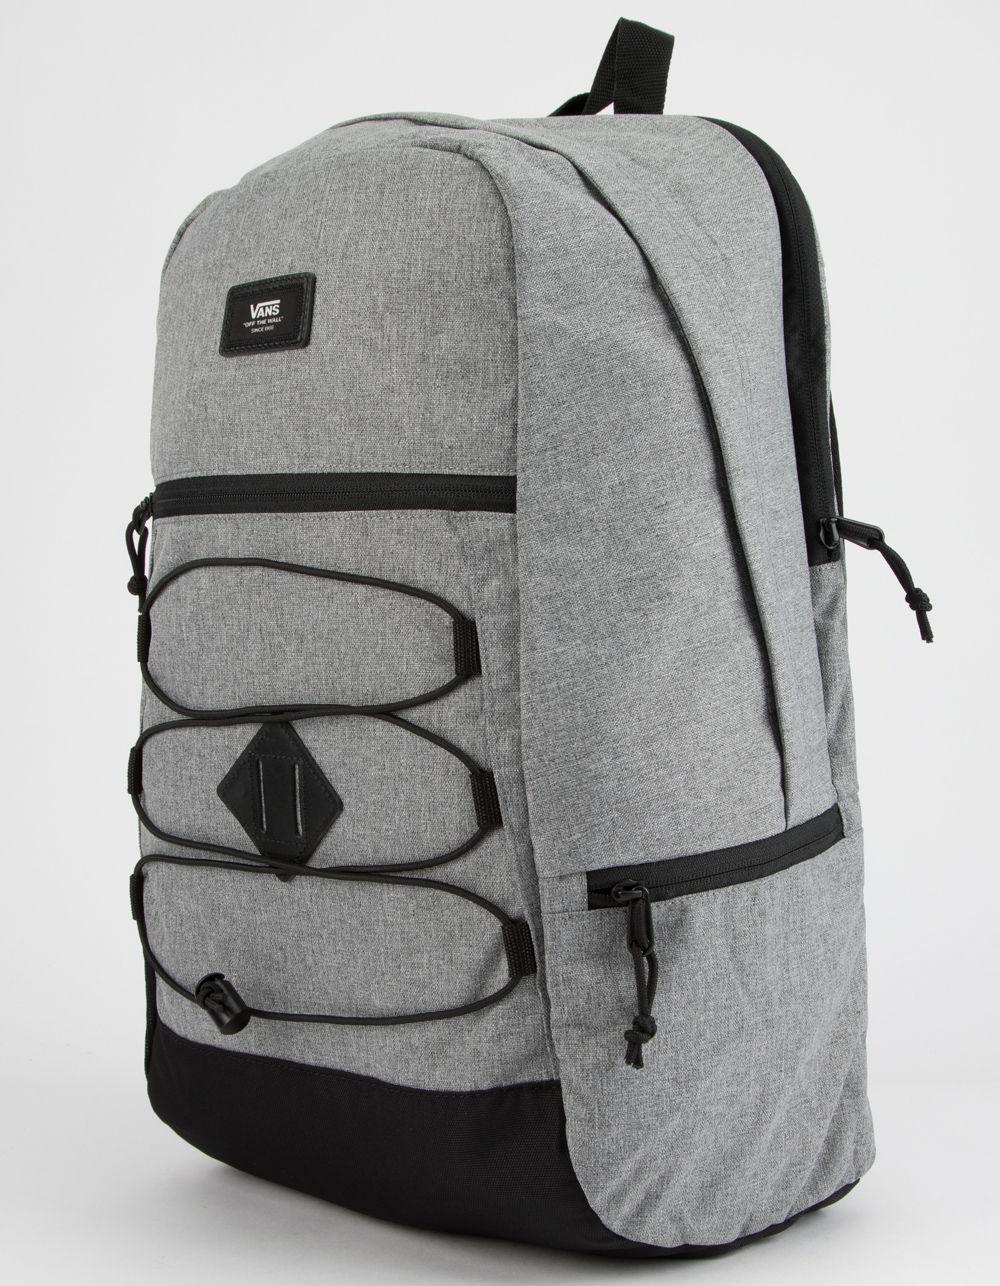 2febd95bec Vans Snag Plus Grey Backpack in Gray for Men - Save 42% - Lyst